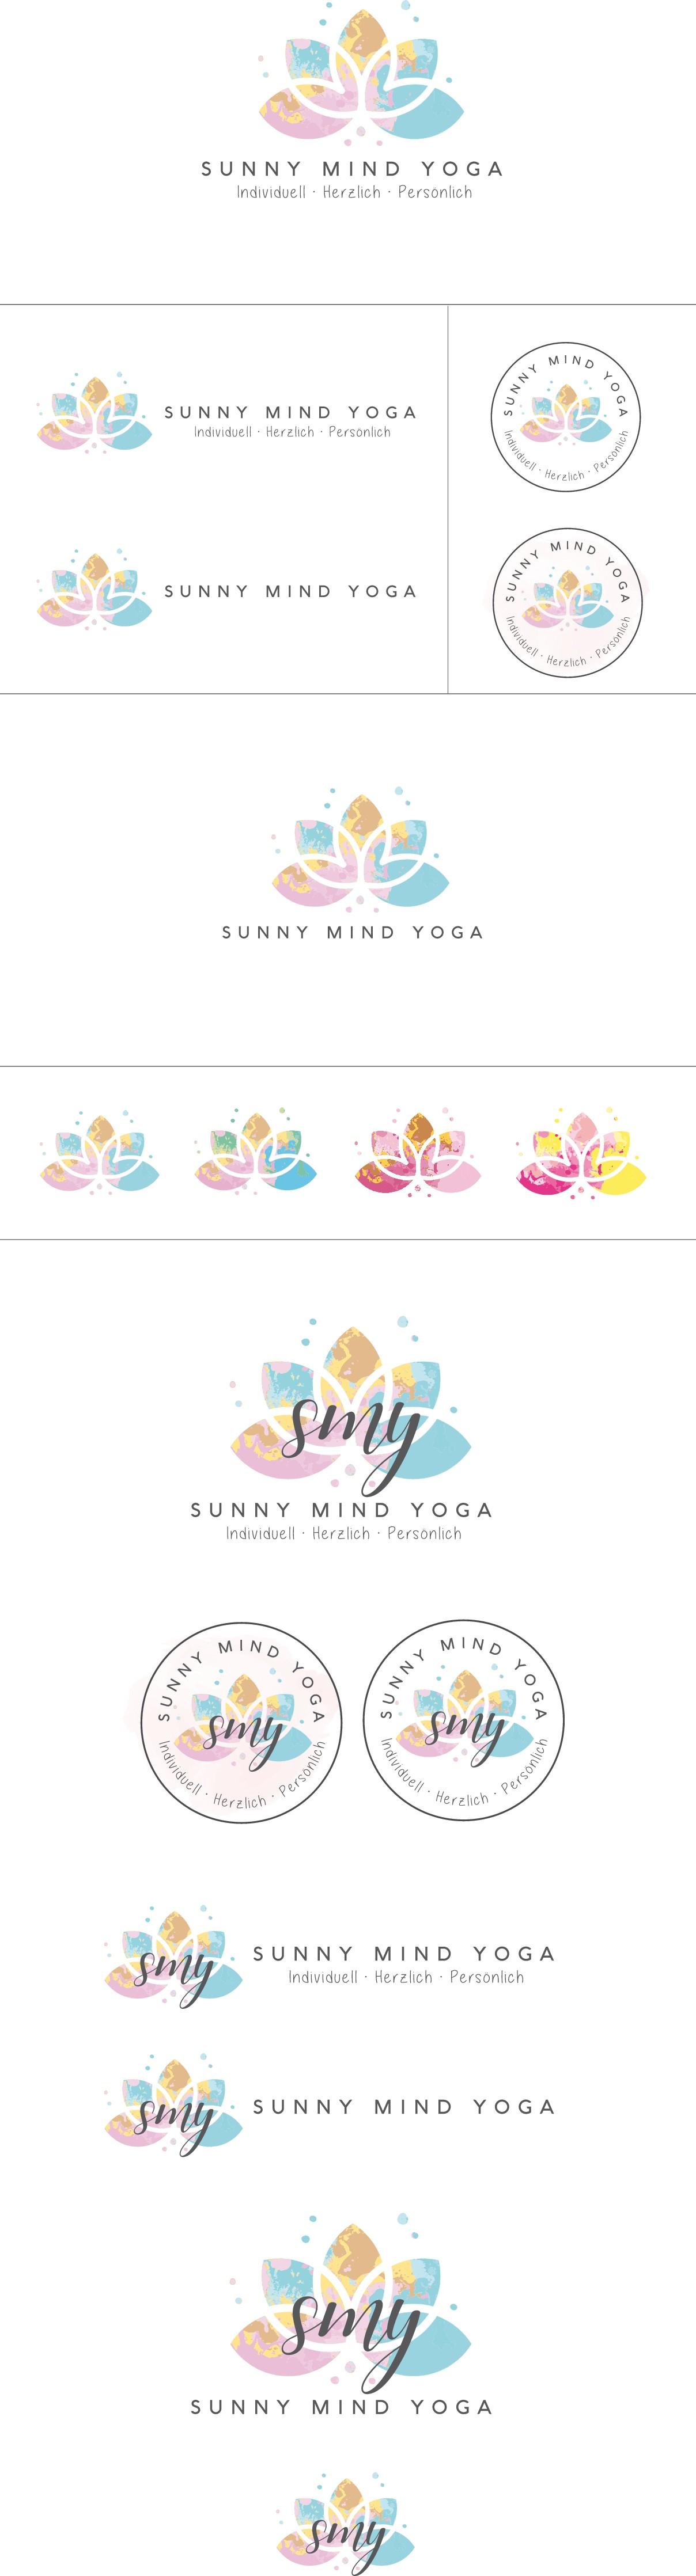 Logo Redesign, Schaufenster-Gestaltung und gerne langfristige Zusammenarbeit